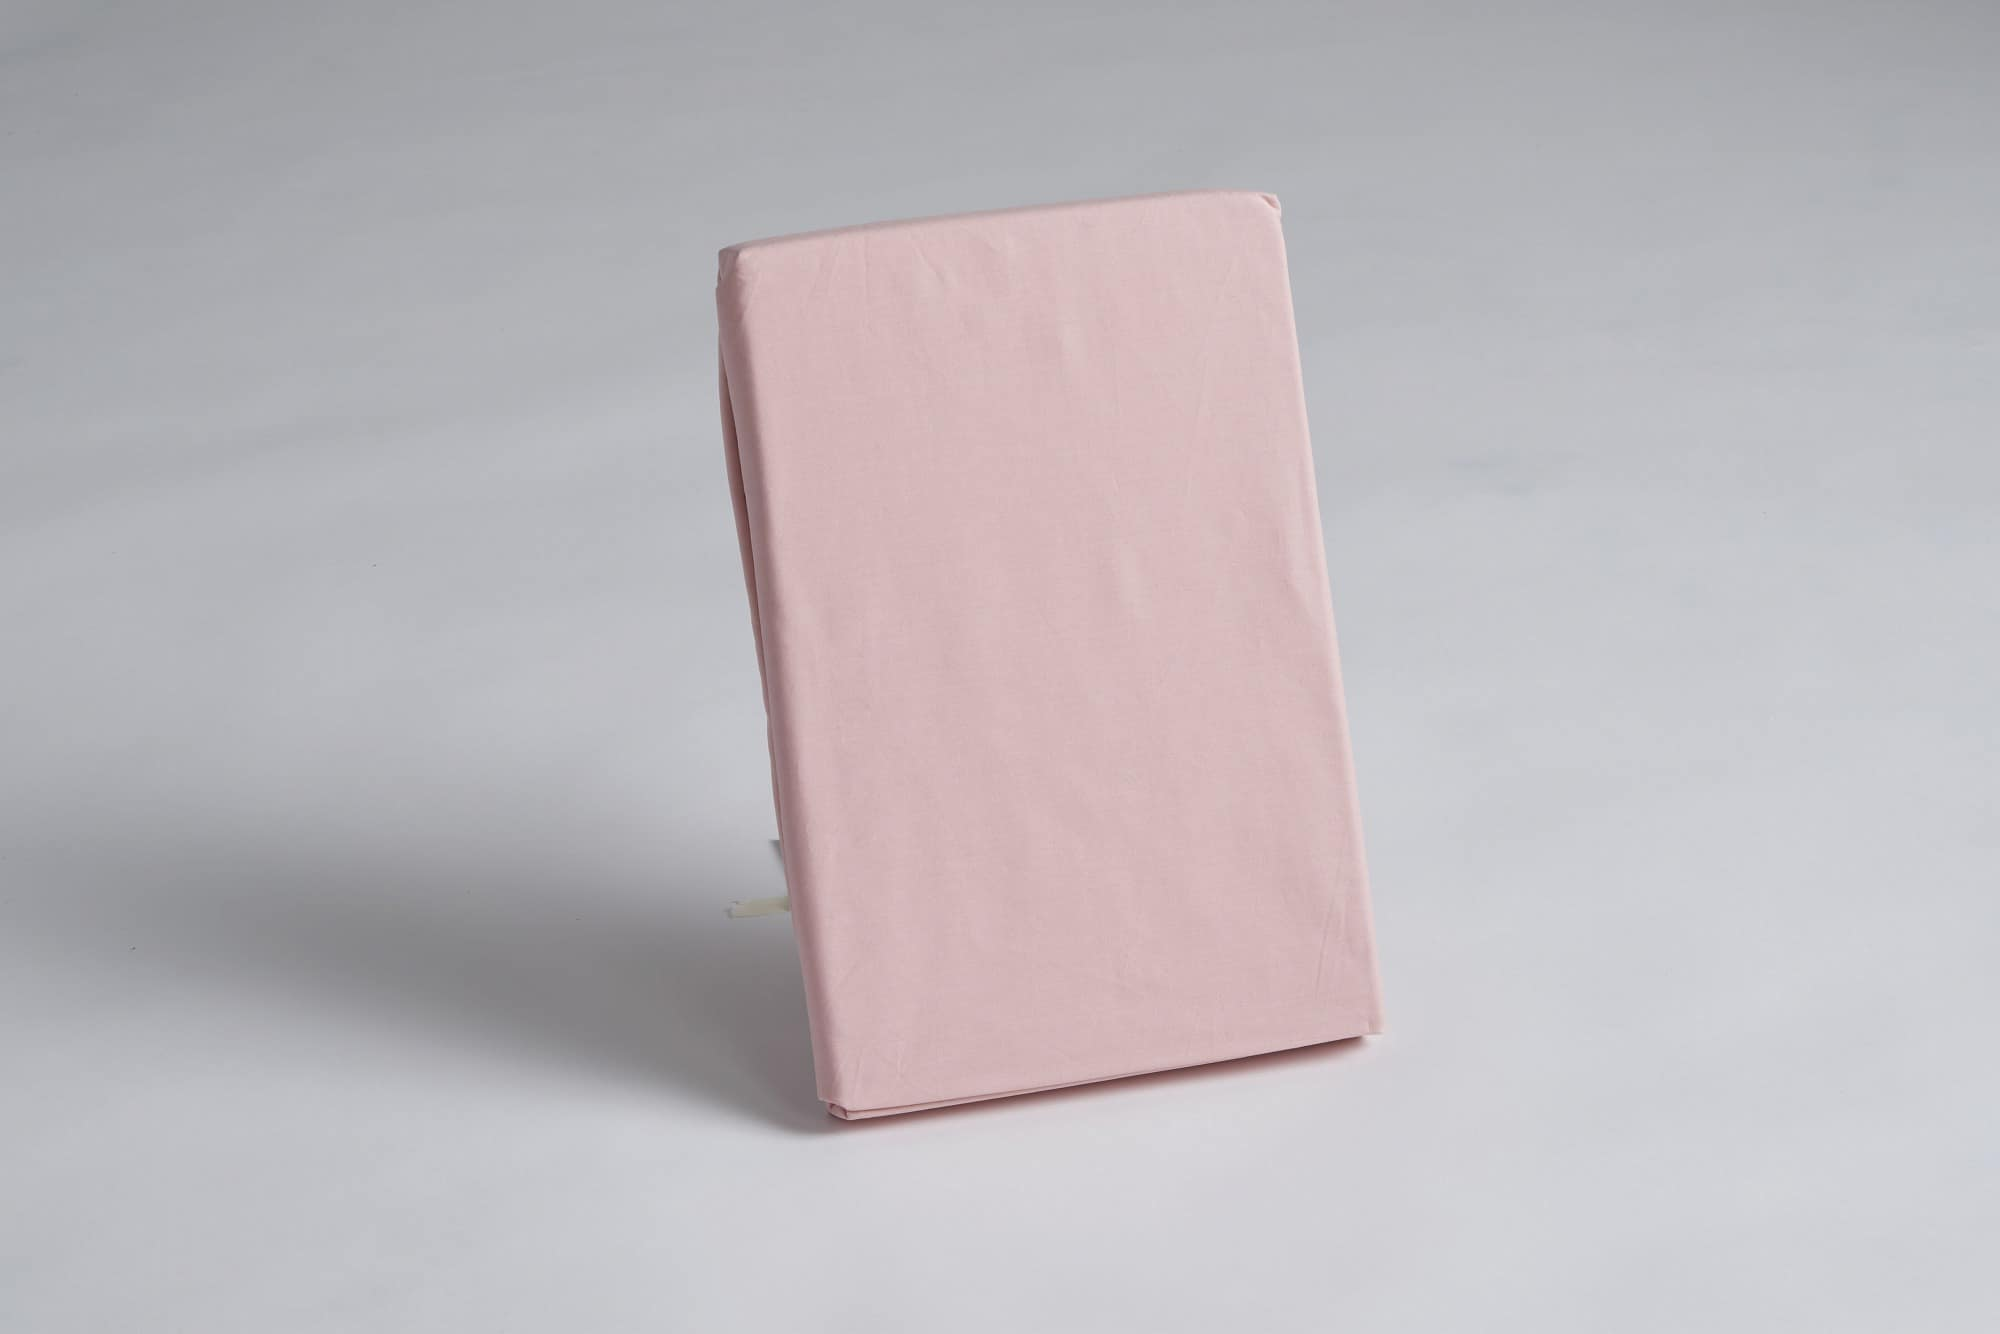 ボックスシーツ シングル用 36H ピンク:《綿100%を使用したボックスシーツ》